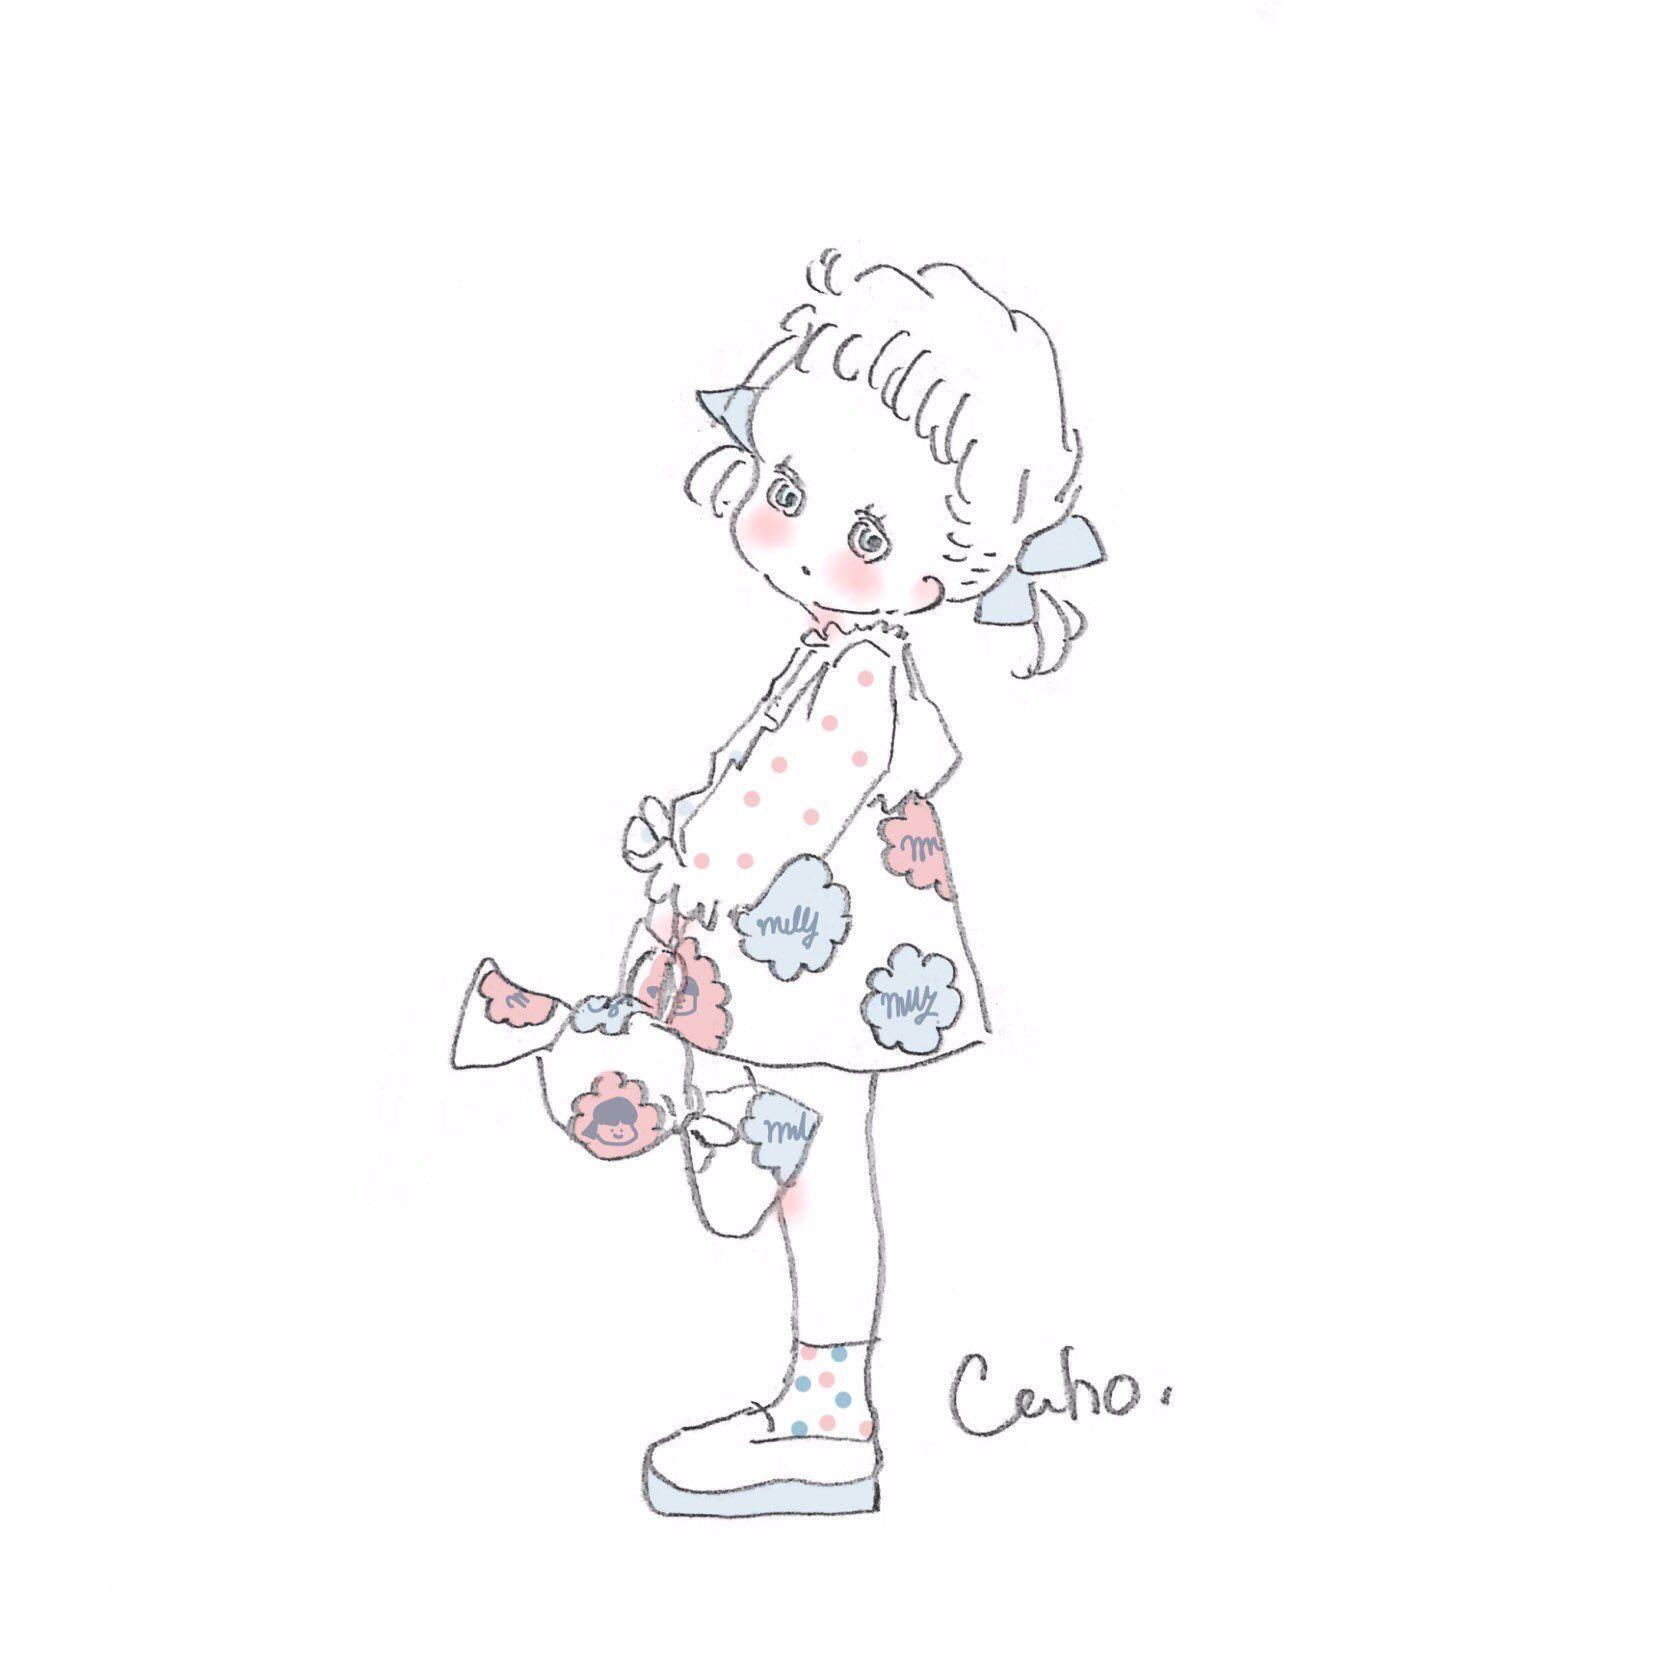 Caho On In 2019 服デザイン Caho イラスト イラスト かわいいイラスト